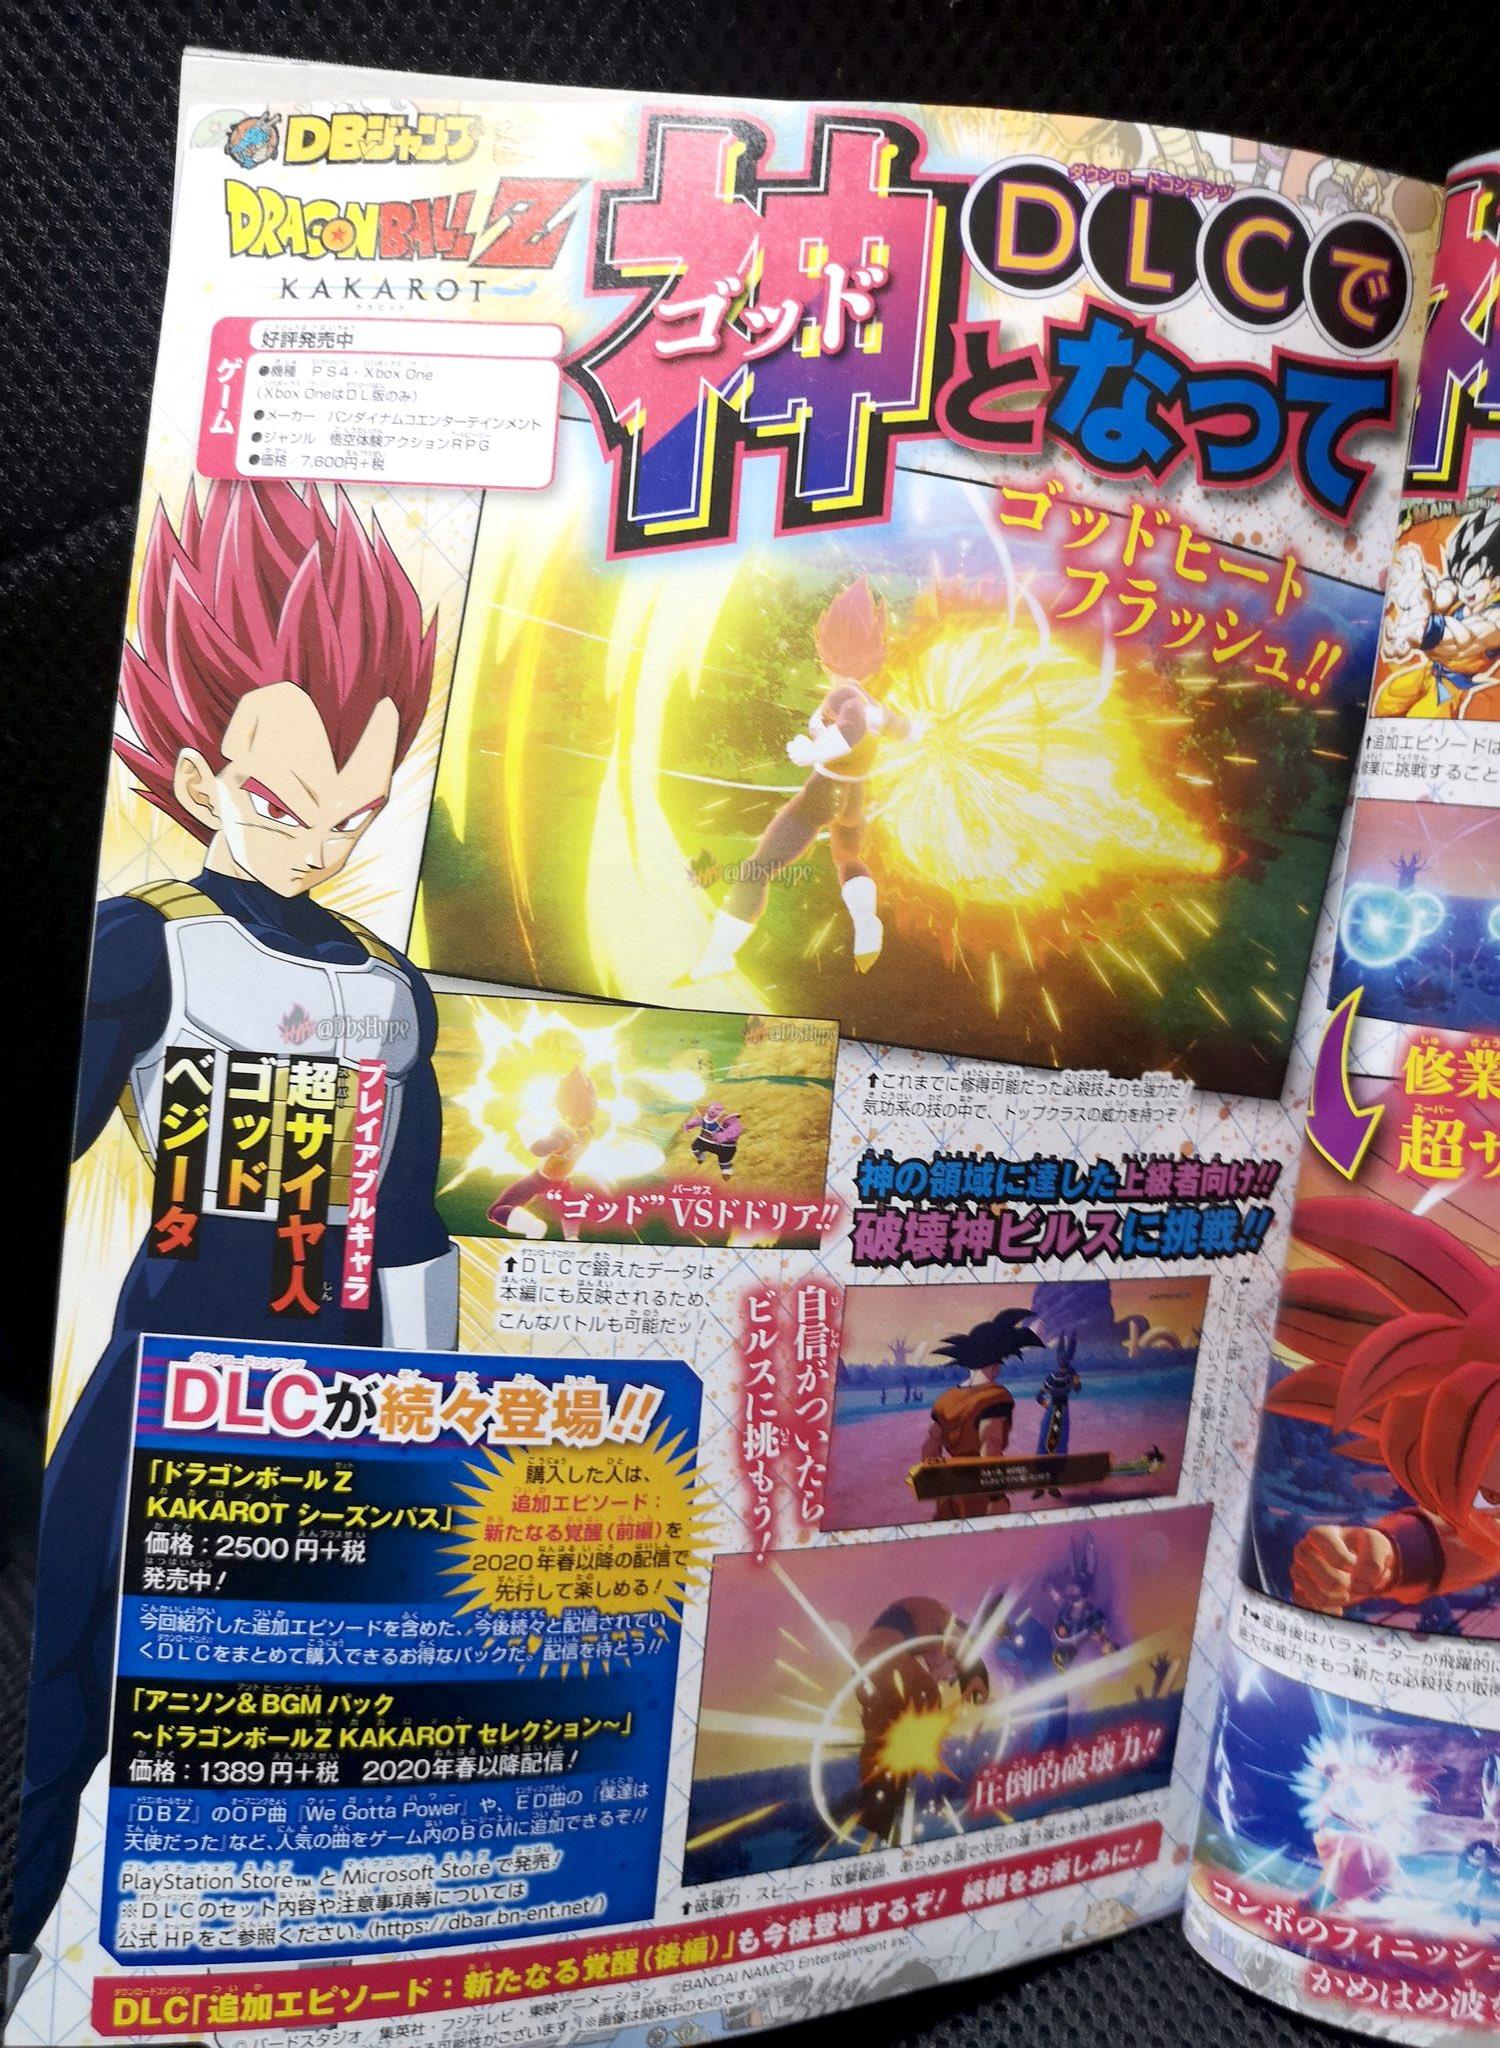 Dragon Ball Z: Kakarot Super Saiyan God Vegeta and Goku